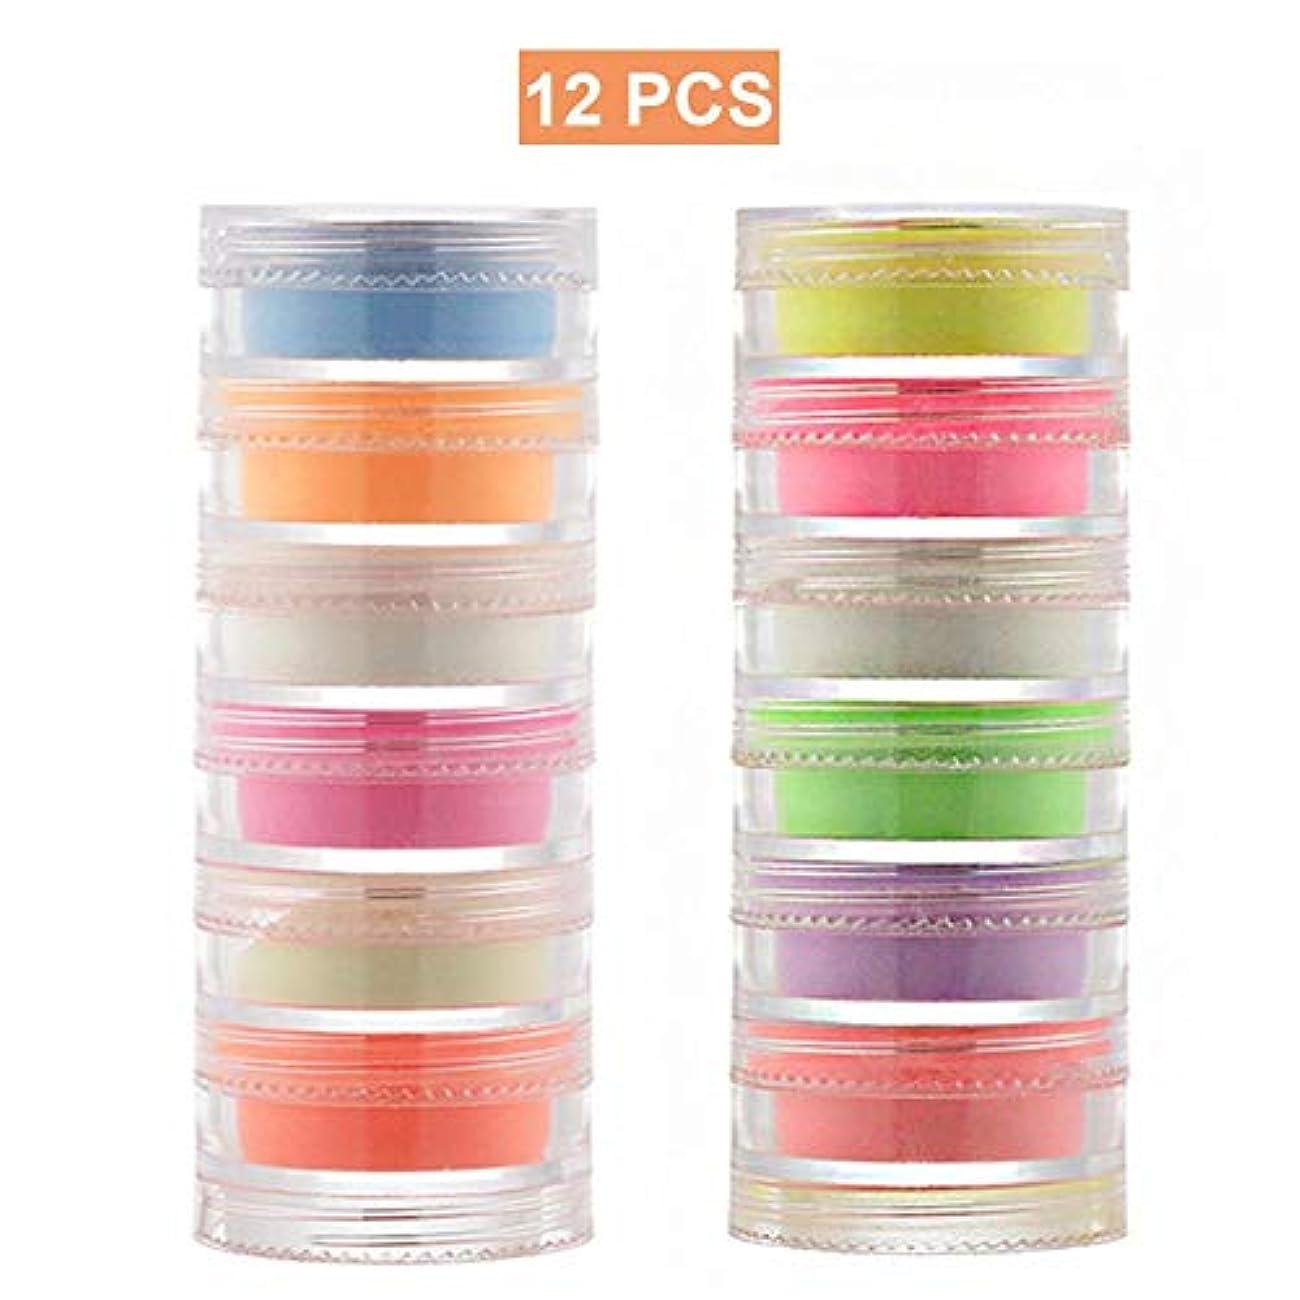 安全でないオーロック鋼女の子色レディースのための12色のハロウィンDIYによって塗られる釘の明るい粉